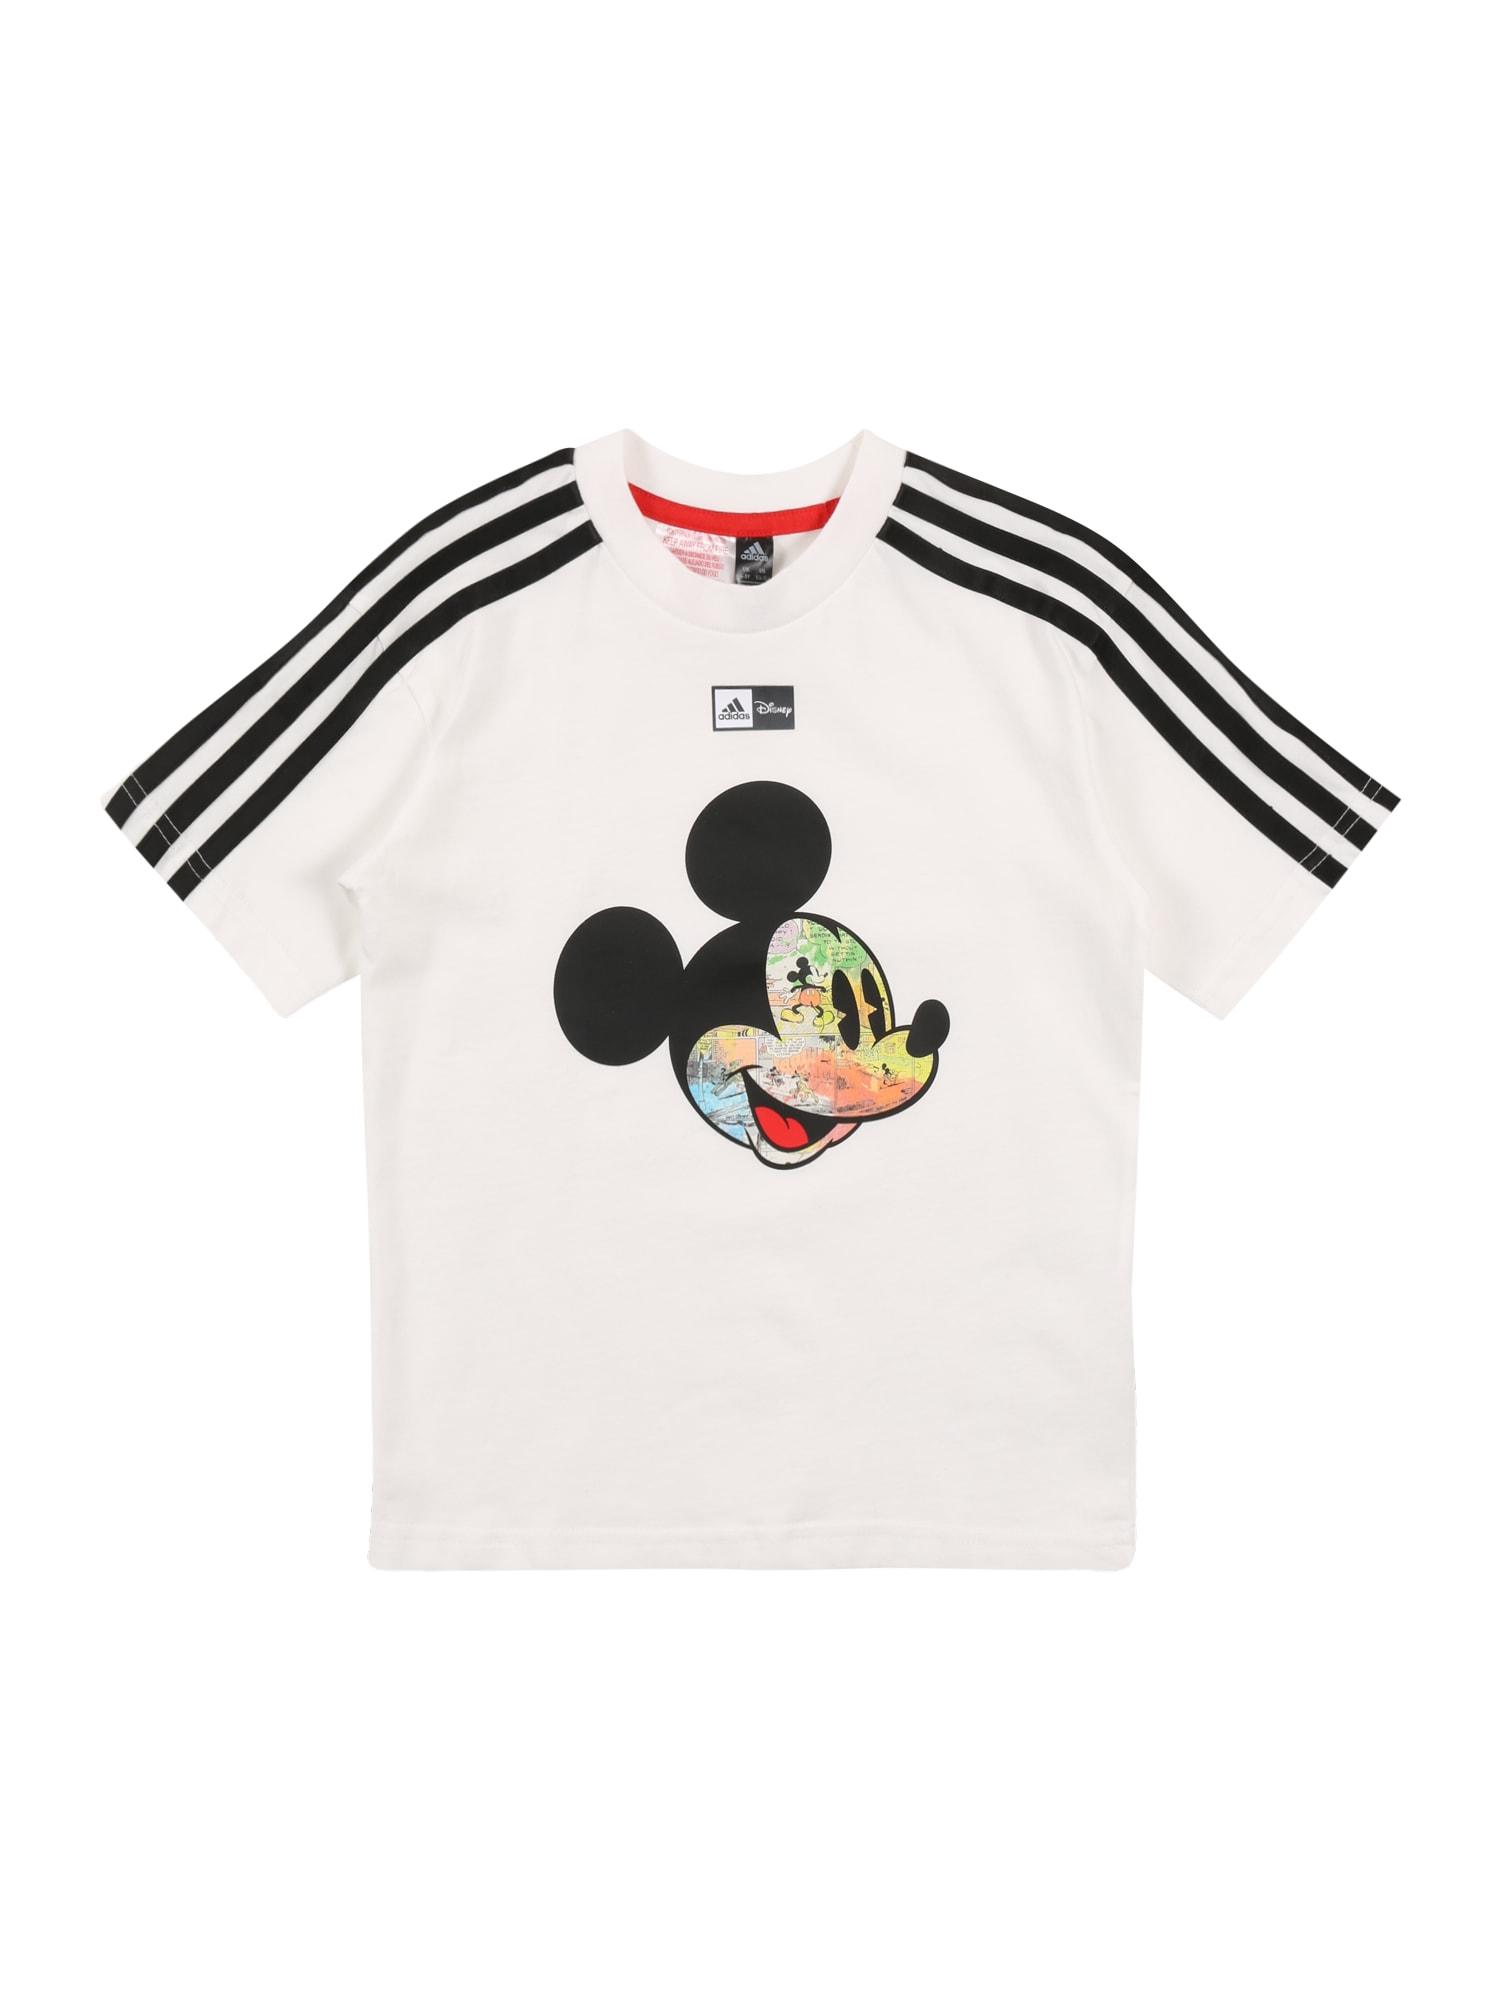 ADIDAS PERFORMANCE Sportiniai marškinėliai mišrios spalvos / balta / juoda